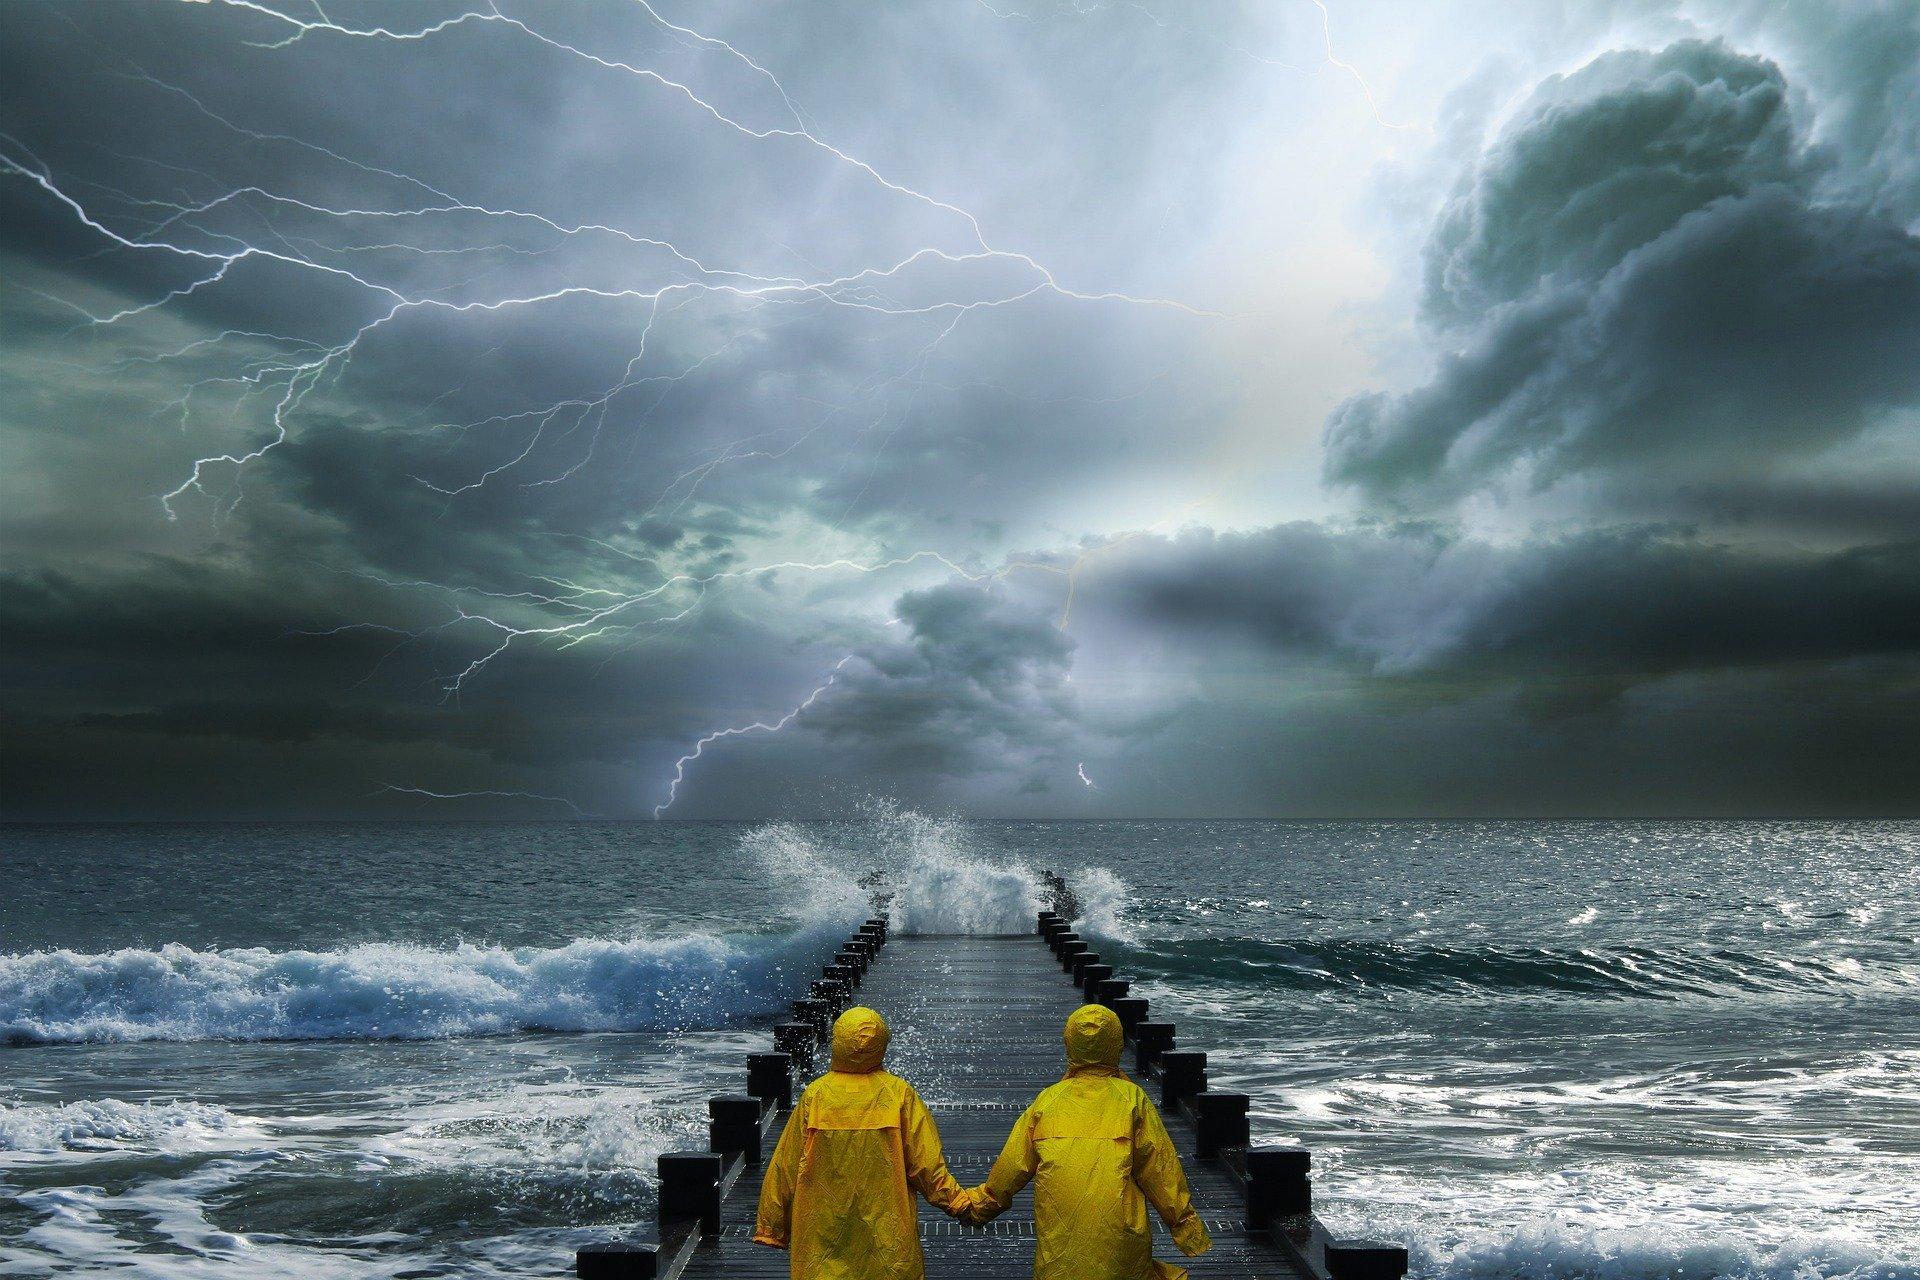 su un pontile durante una tempesta due persone con impermeabile giallo si tengono per mano